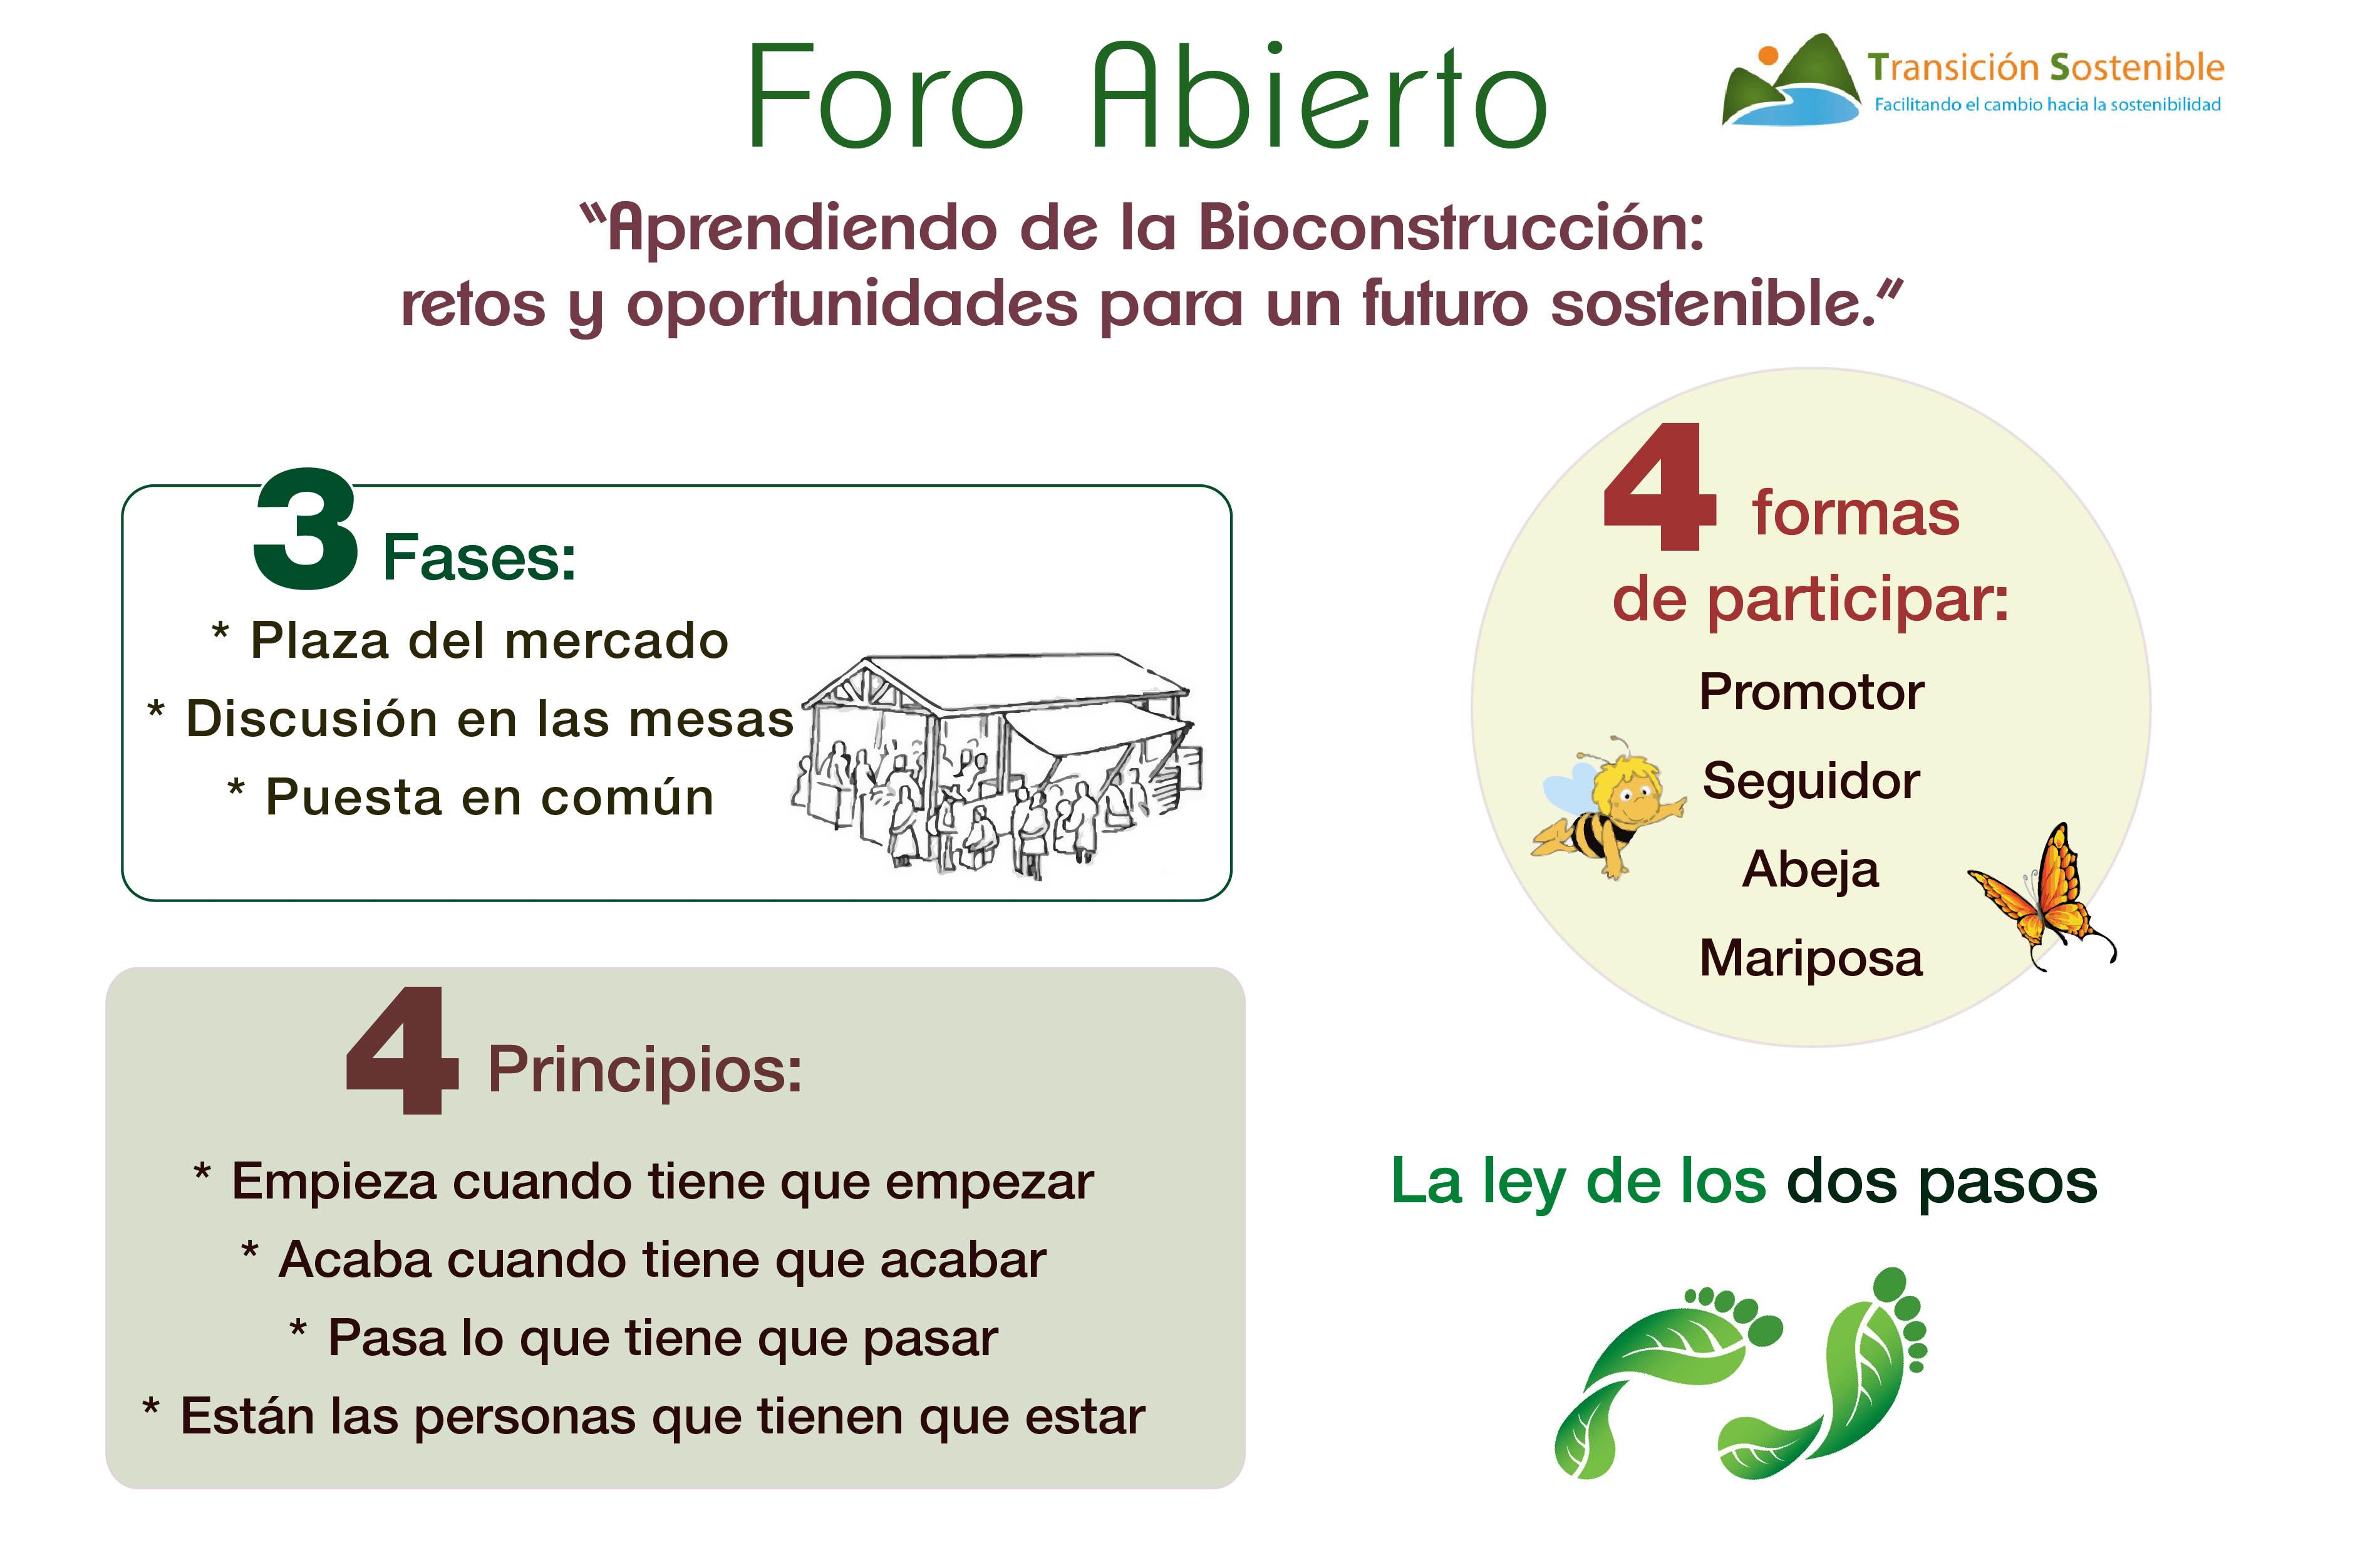 Foro-Abierto-open-space-Transición-Sostenible.jpg